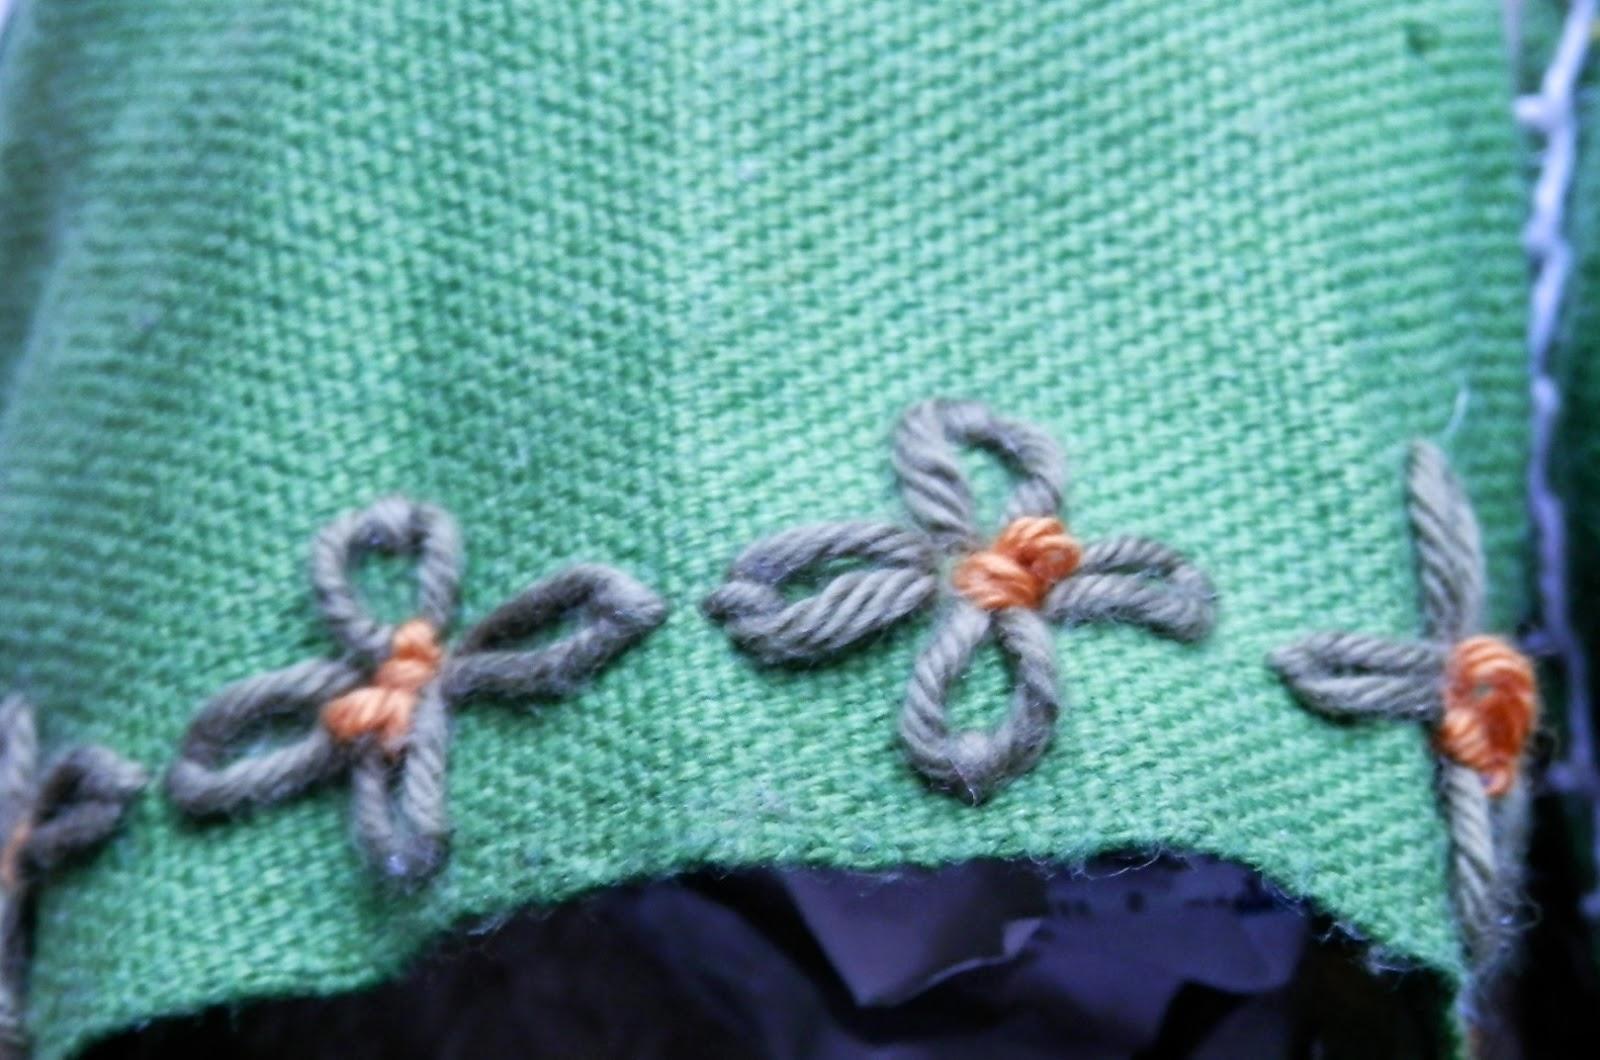 Así que ya sabéis, si queréis unas alpargatas molonas y handmade, nada mejor que bordarlas. Os animo a probarlo, es adictivo! )